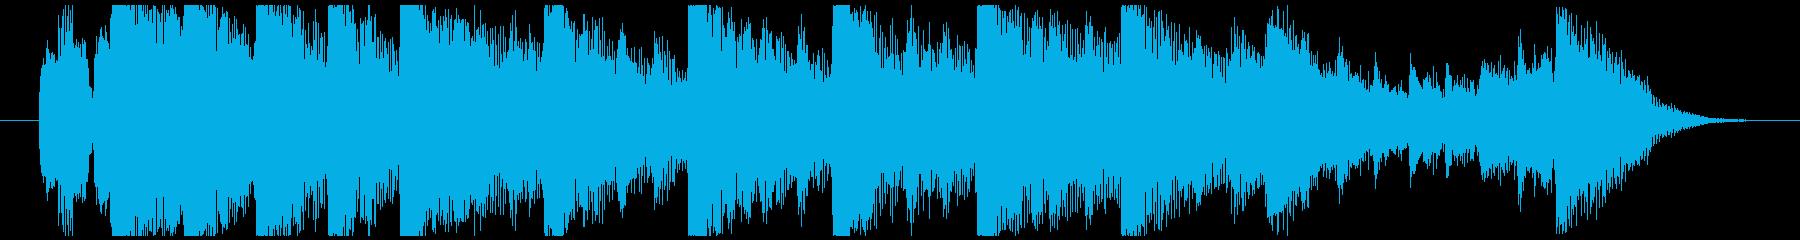 ハローウィン用のホラー曲-15秒の再生済みの波形